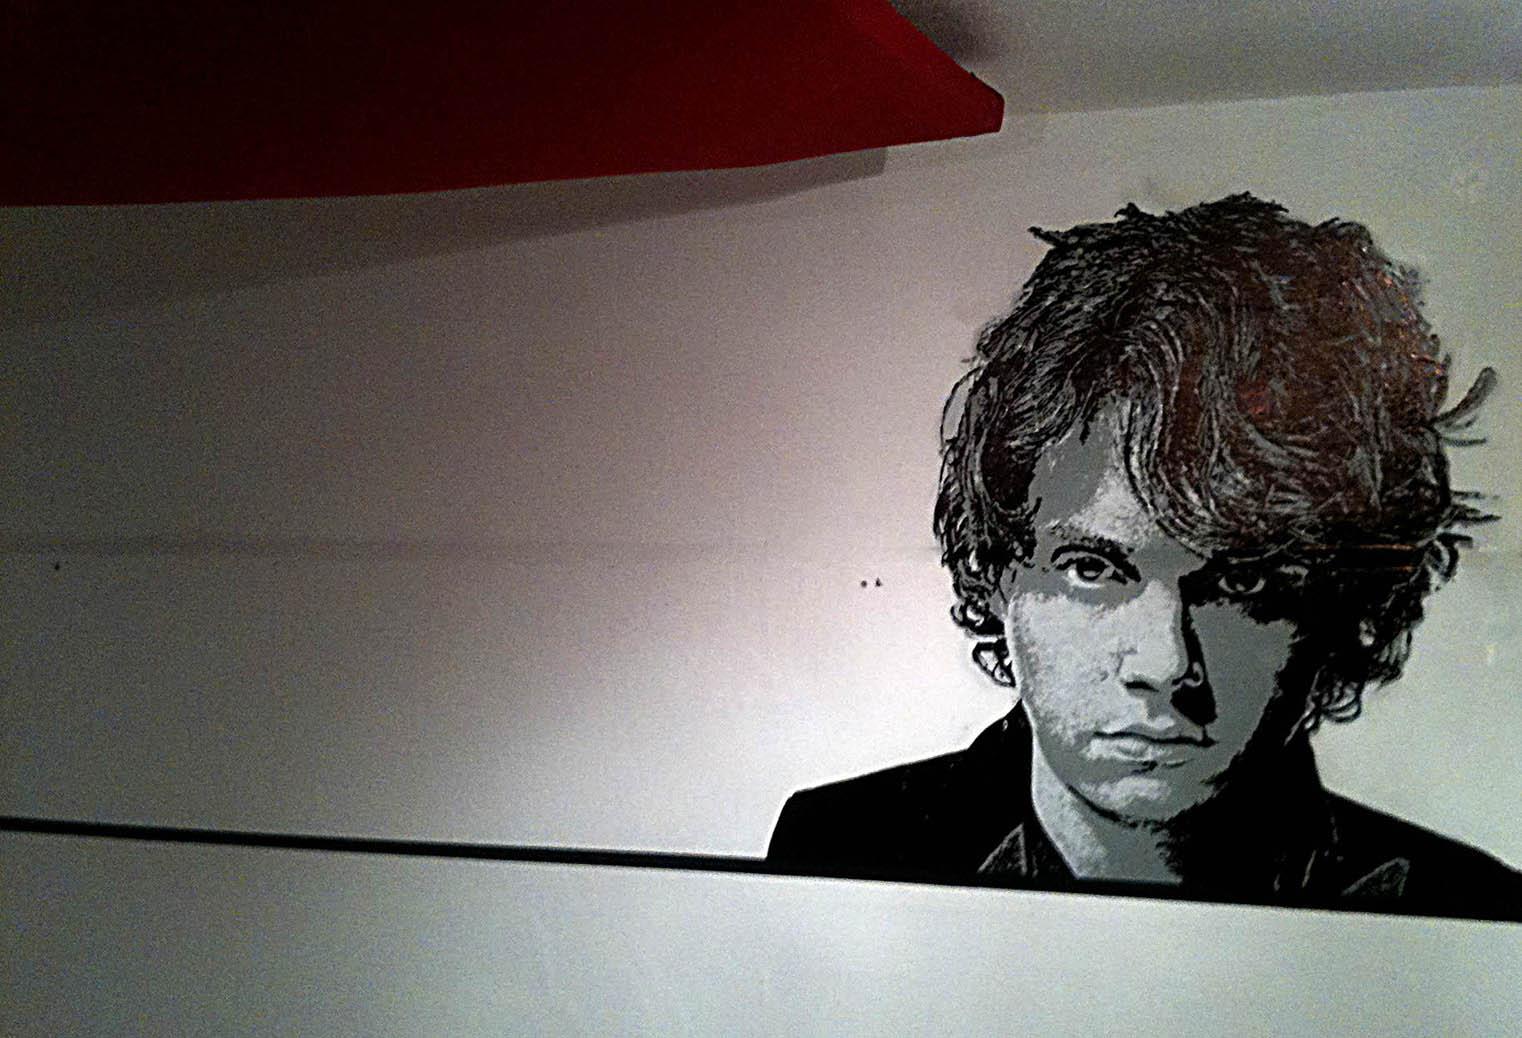 fresques de john mayer dans un studio de musique